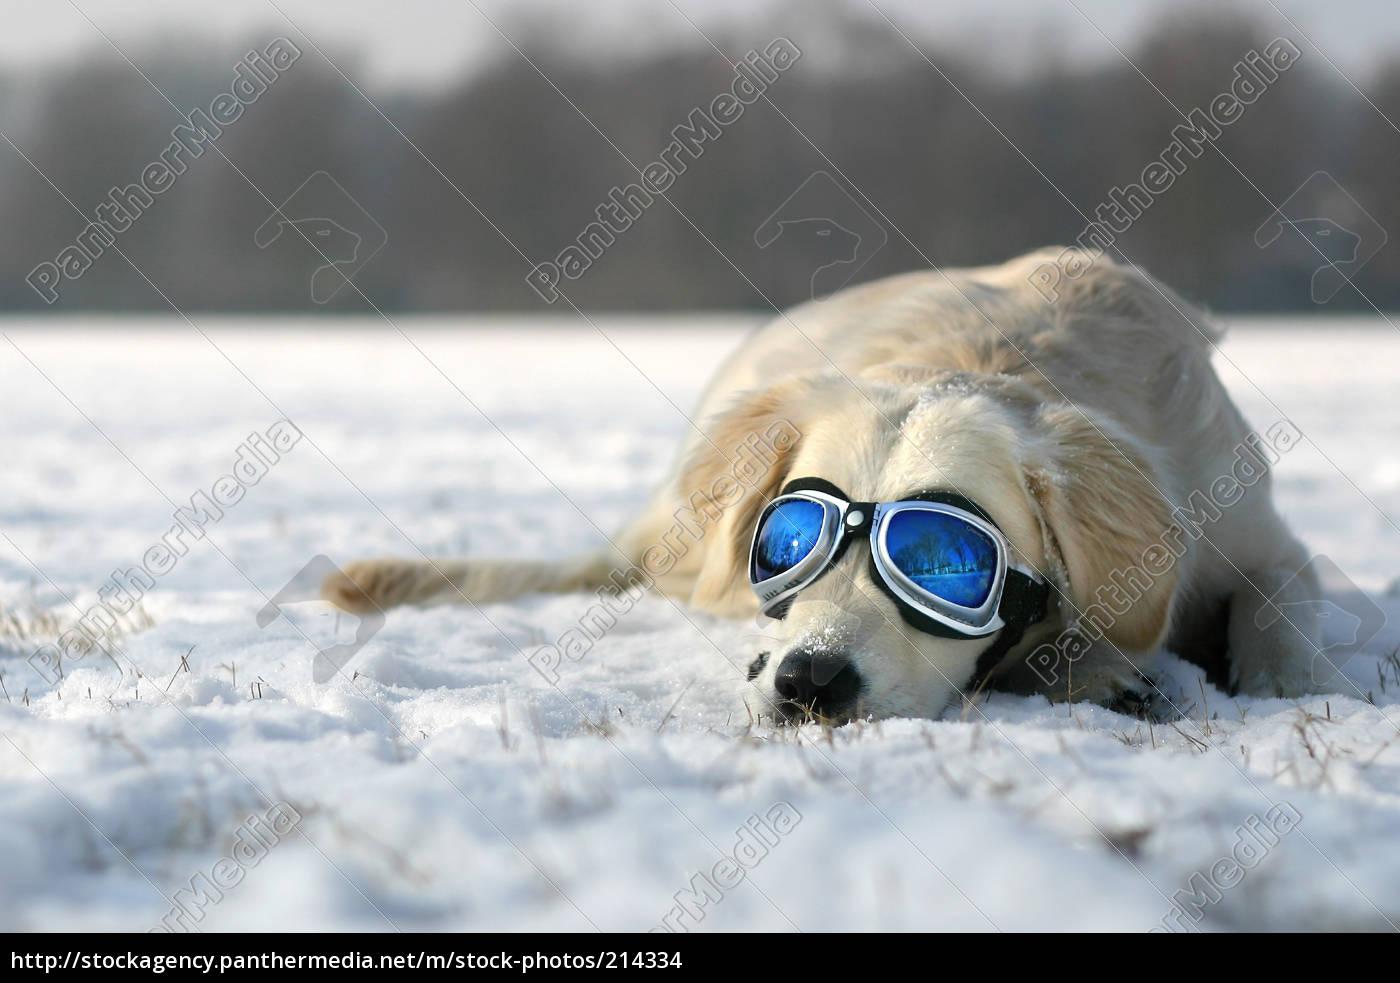 tomar, el, sol, en, invierno - 214334